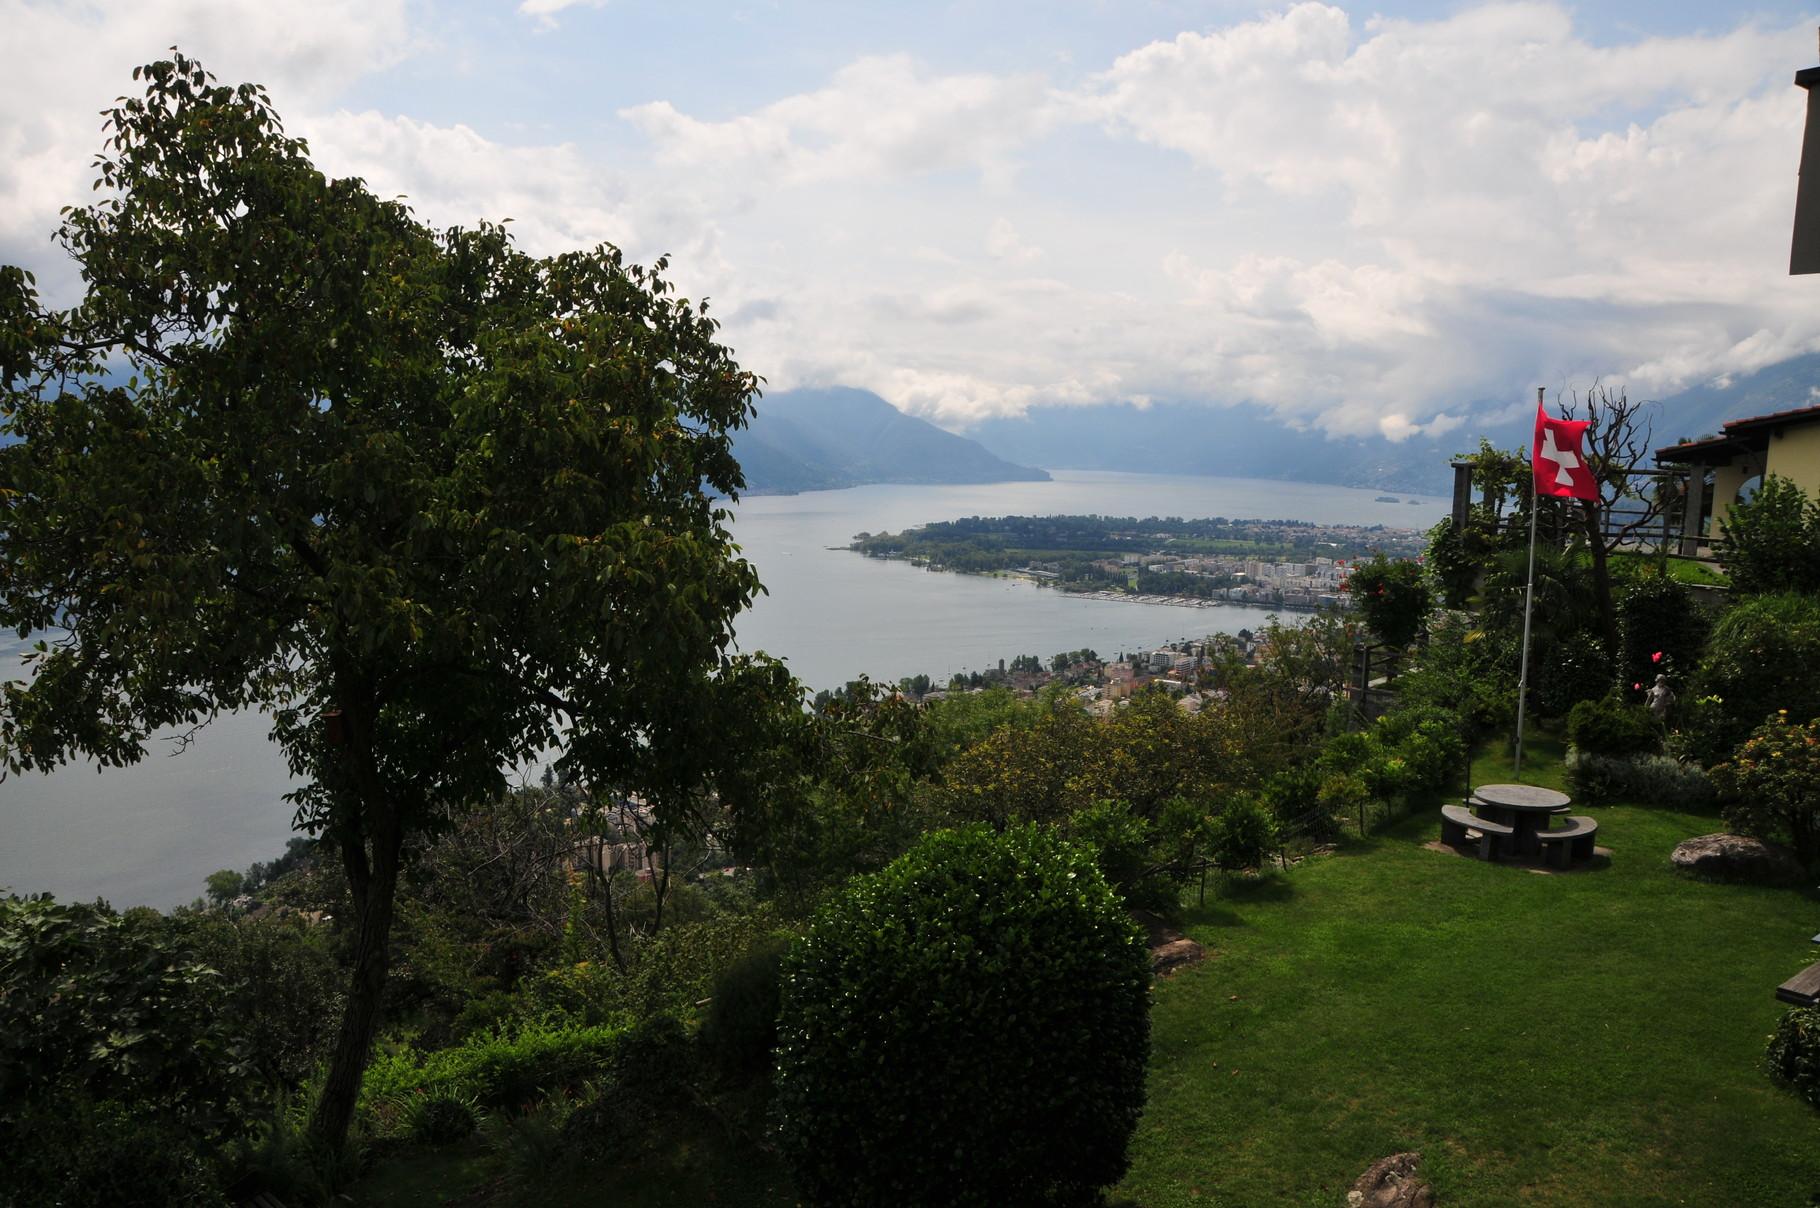 Blick auf Lago Maggiore mit Halbinsel Locarno + Ascona